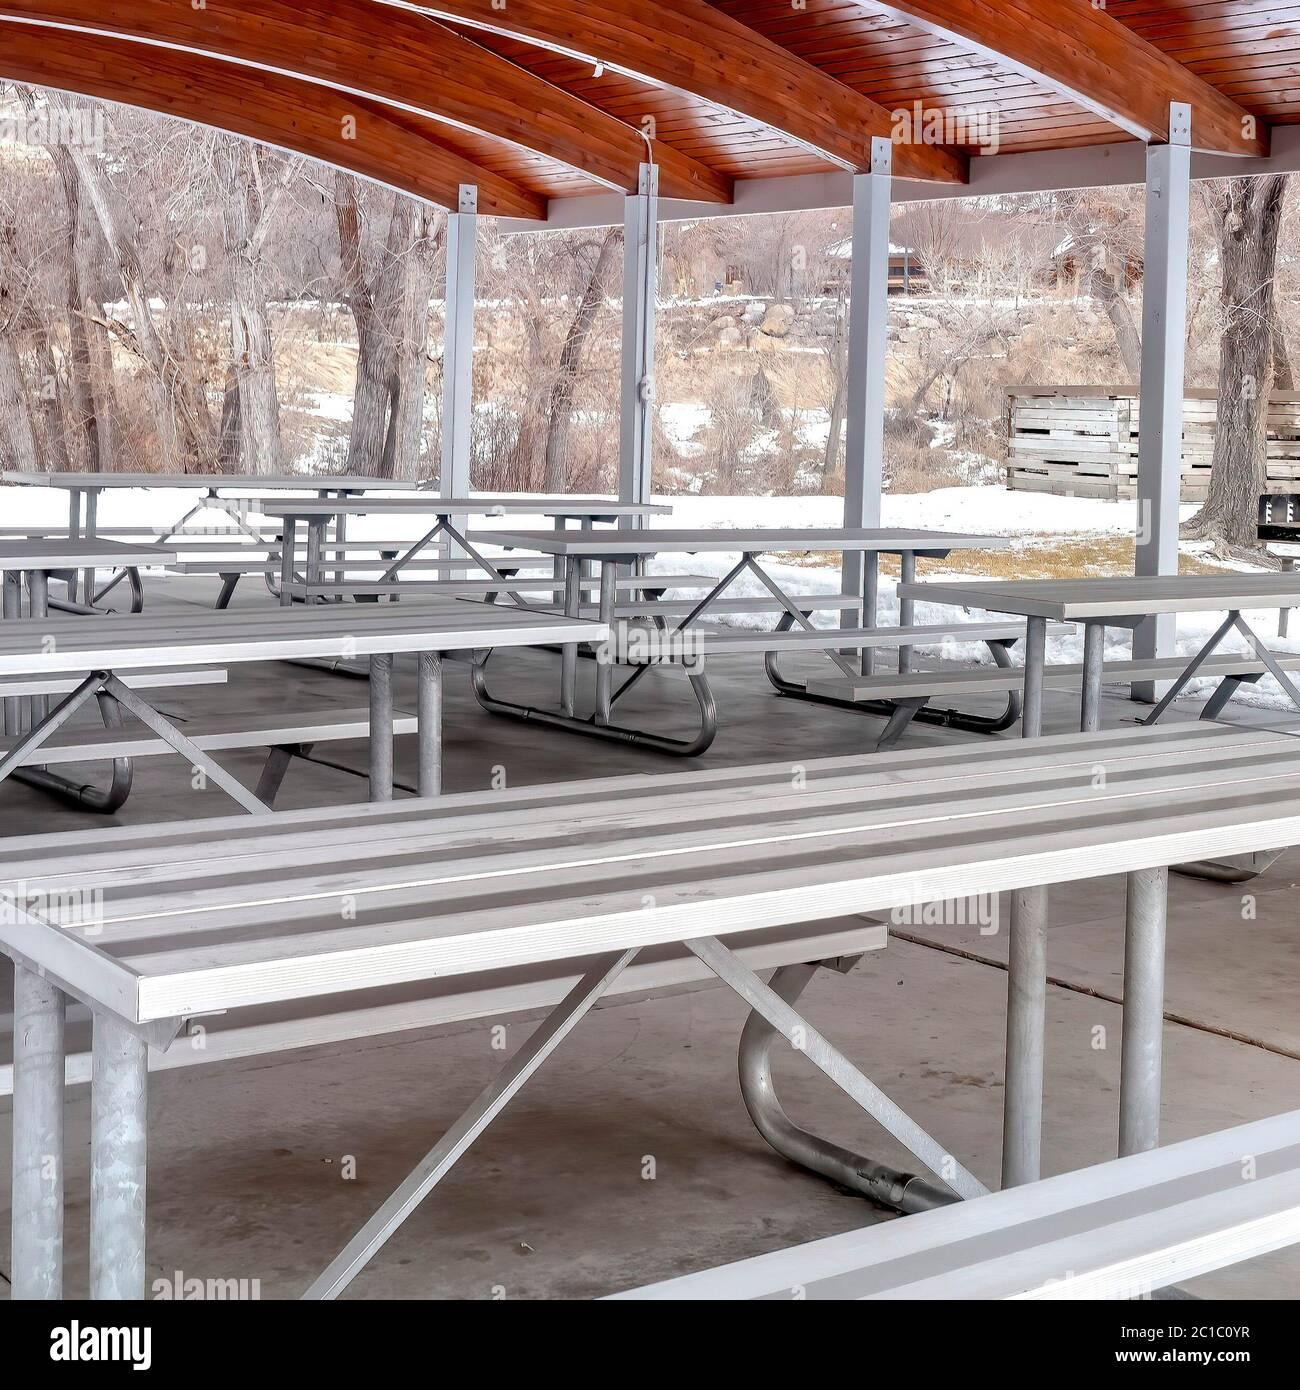 Quadro Quadrato Tavoli E Panche All Interno Di Un Padiglione Di Parco Con Archi In Legno Sul Soffitto Foto Stock Alamy